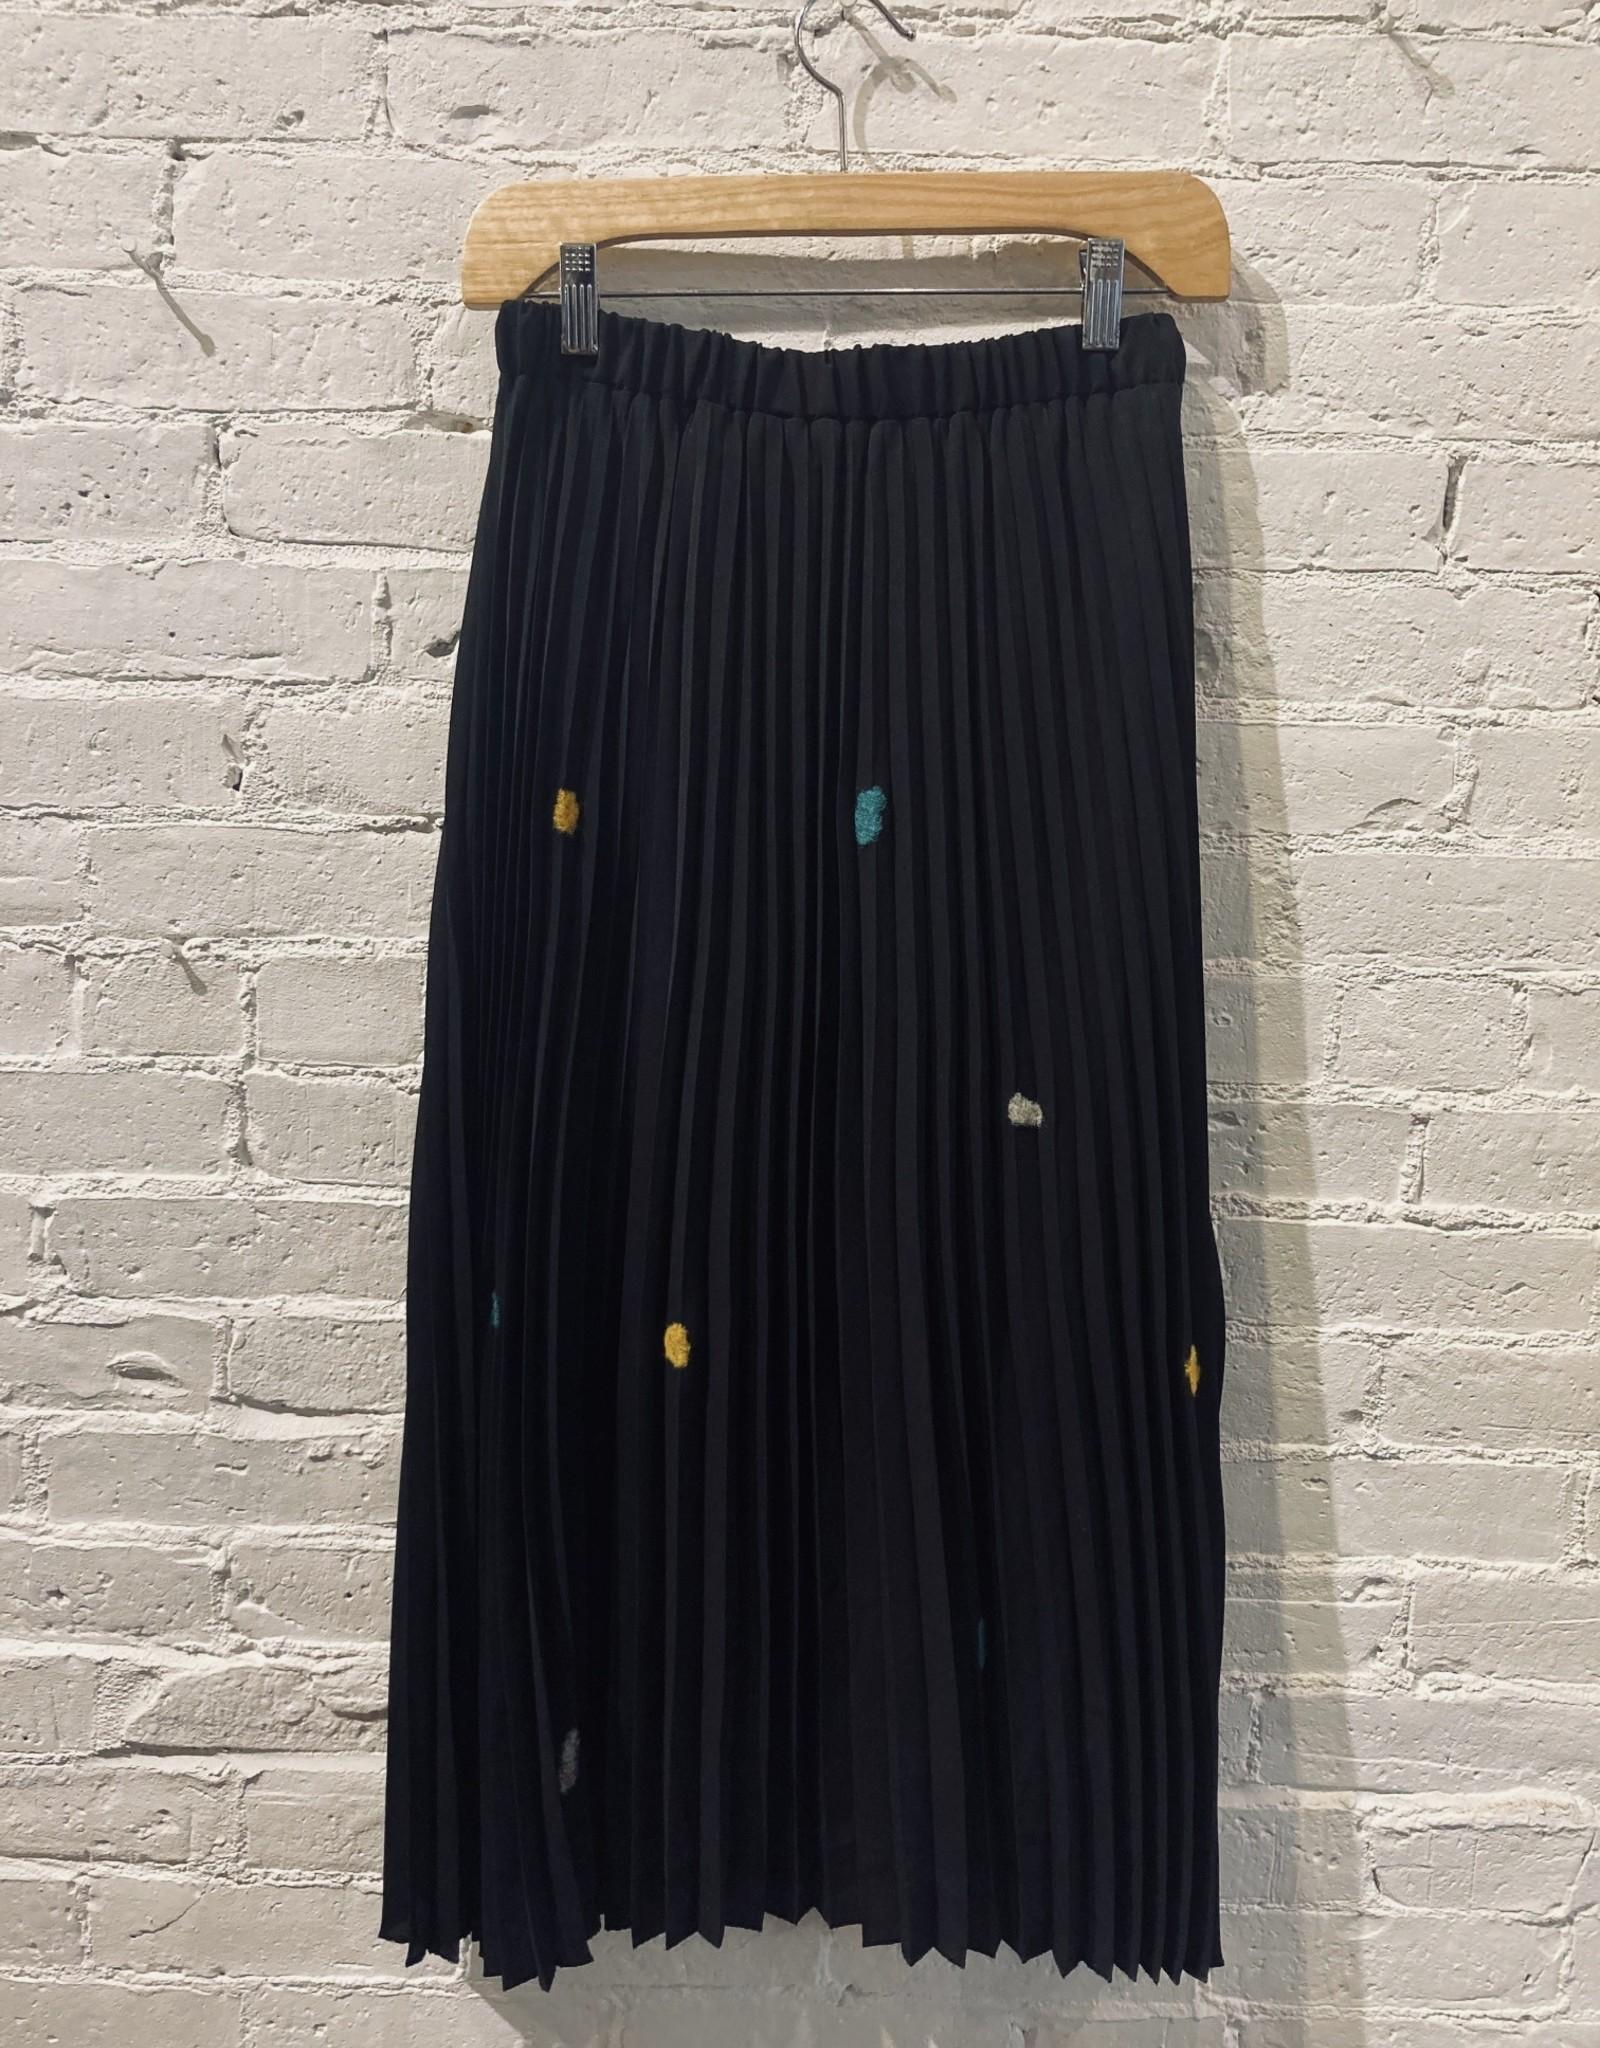 Yoshi Kondo yoshi Kondo Land Skirt